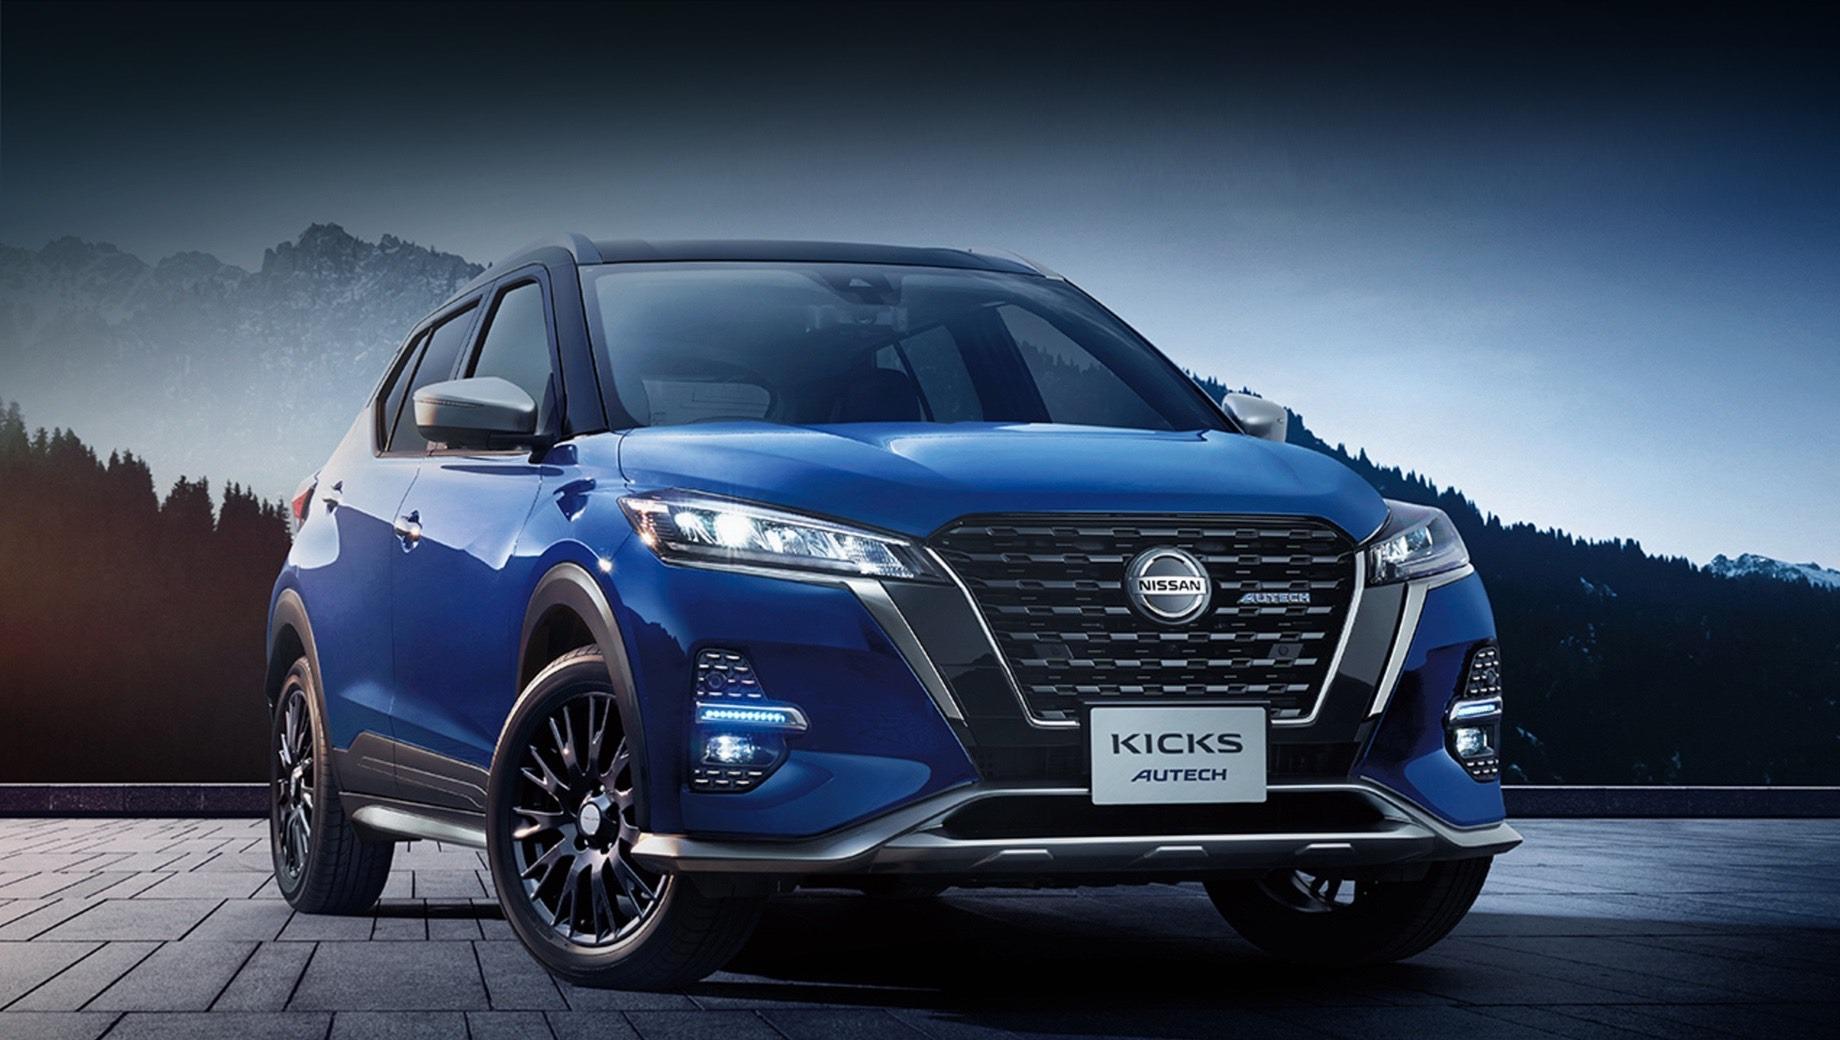 Серийная версия Nissan Kicks вышла в свет четыре года назад, а в прошлом году запустили процесс его обновления на разных рынках. В Японии «обновленец» появился еще летом, а теперь там же доступно новое исполнение Autech.